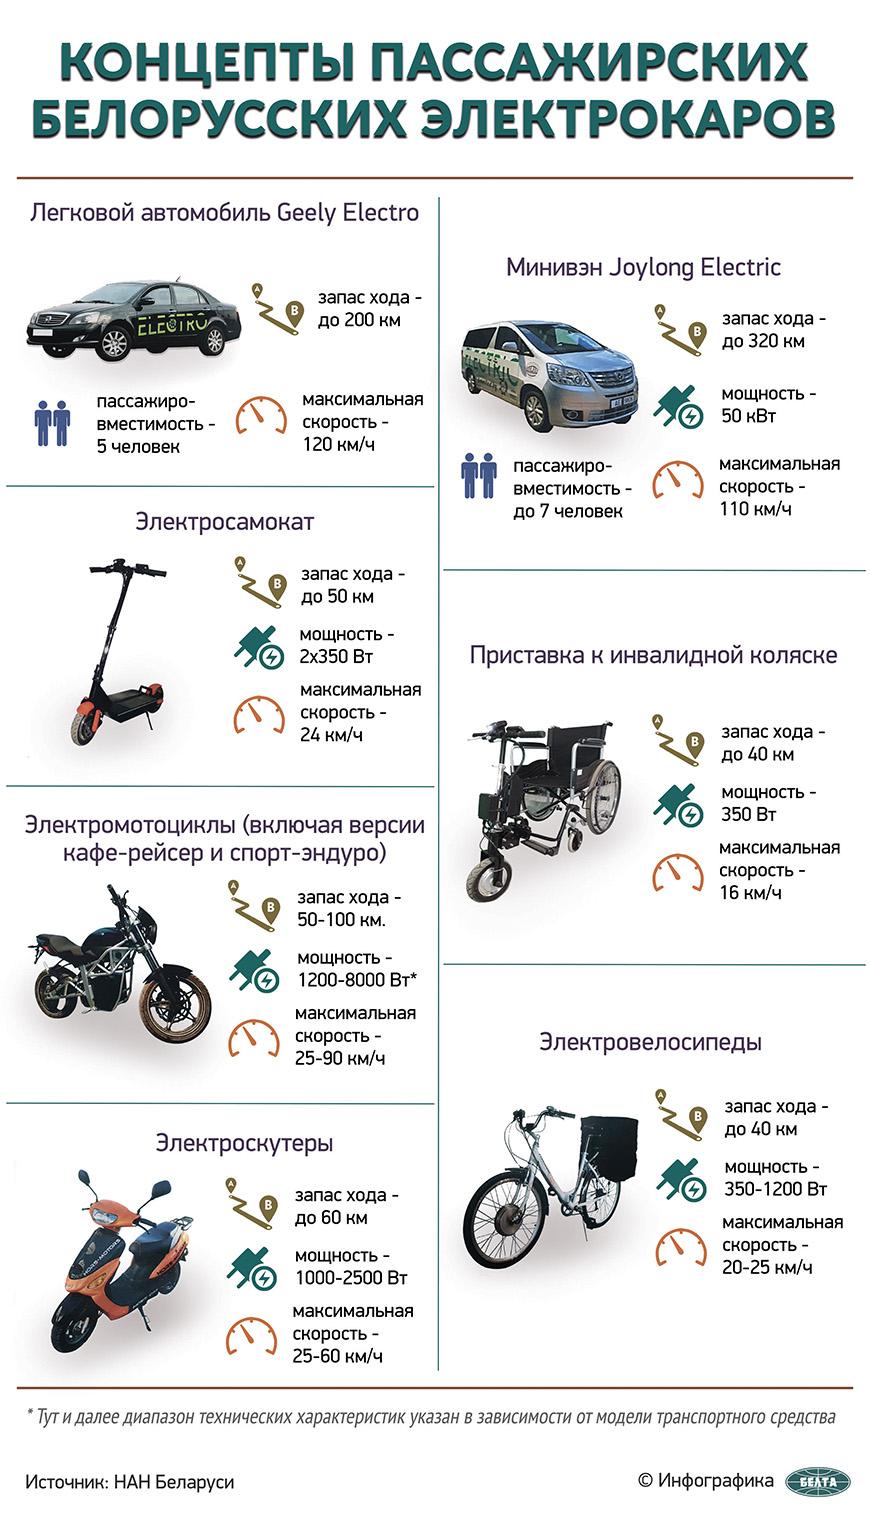 Концепты пассажирских белорусских электрокаров